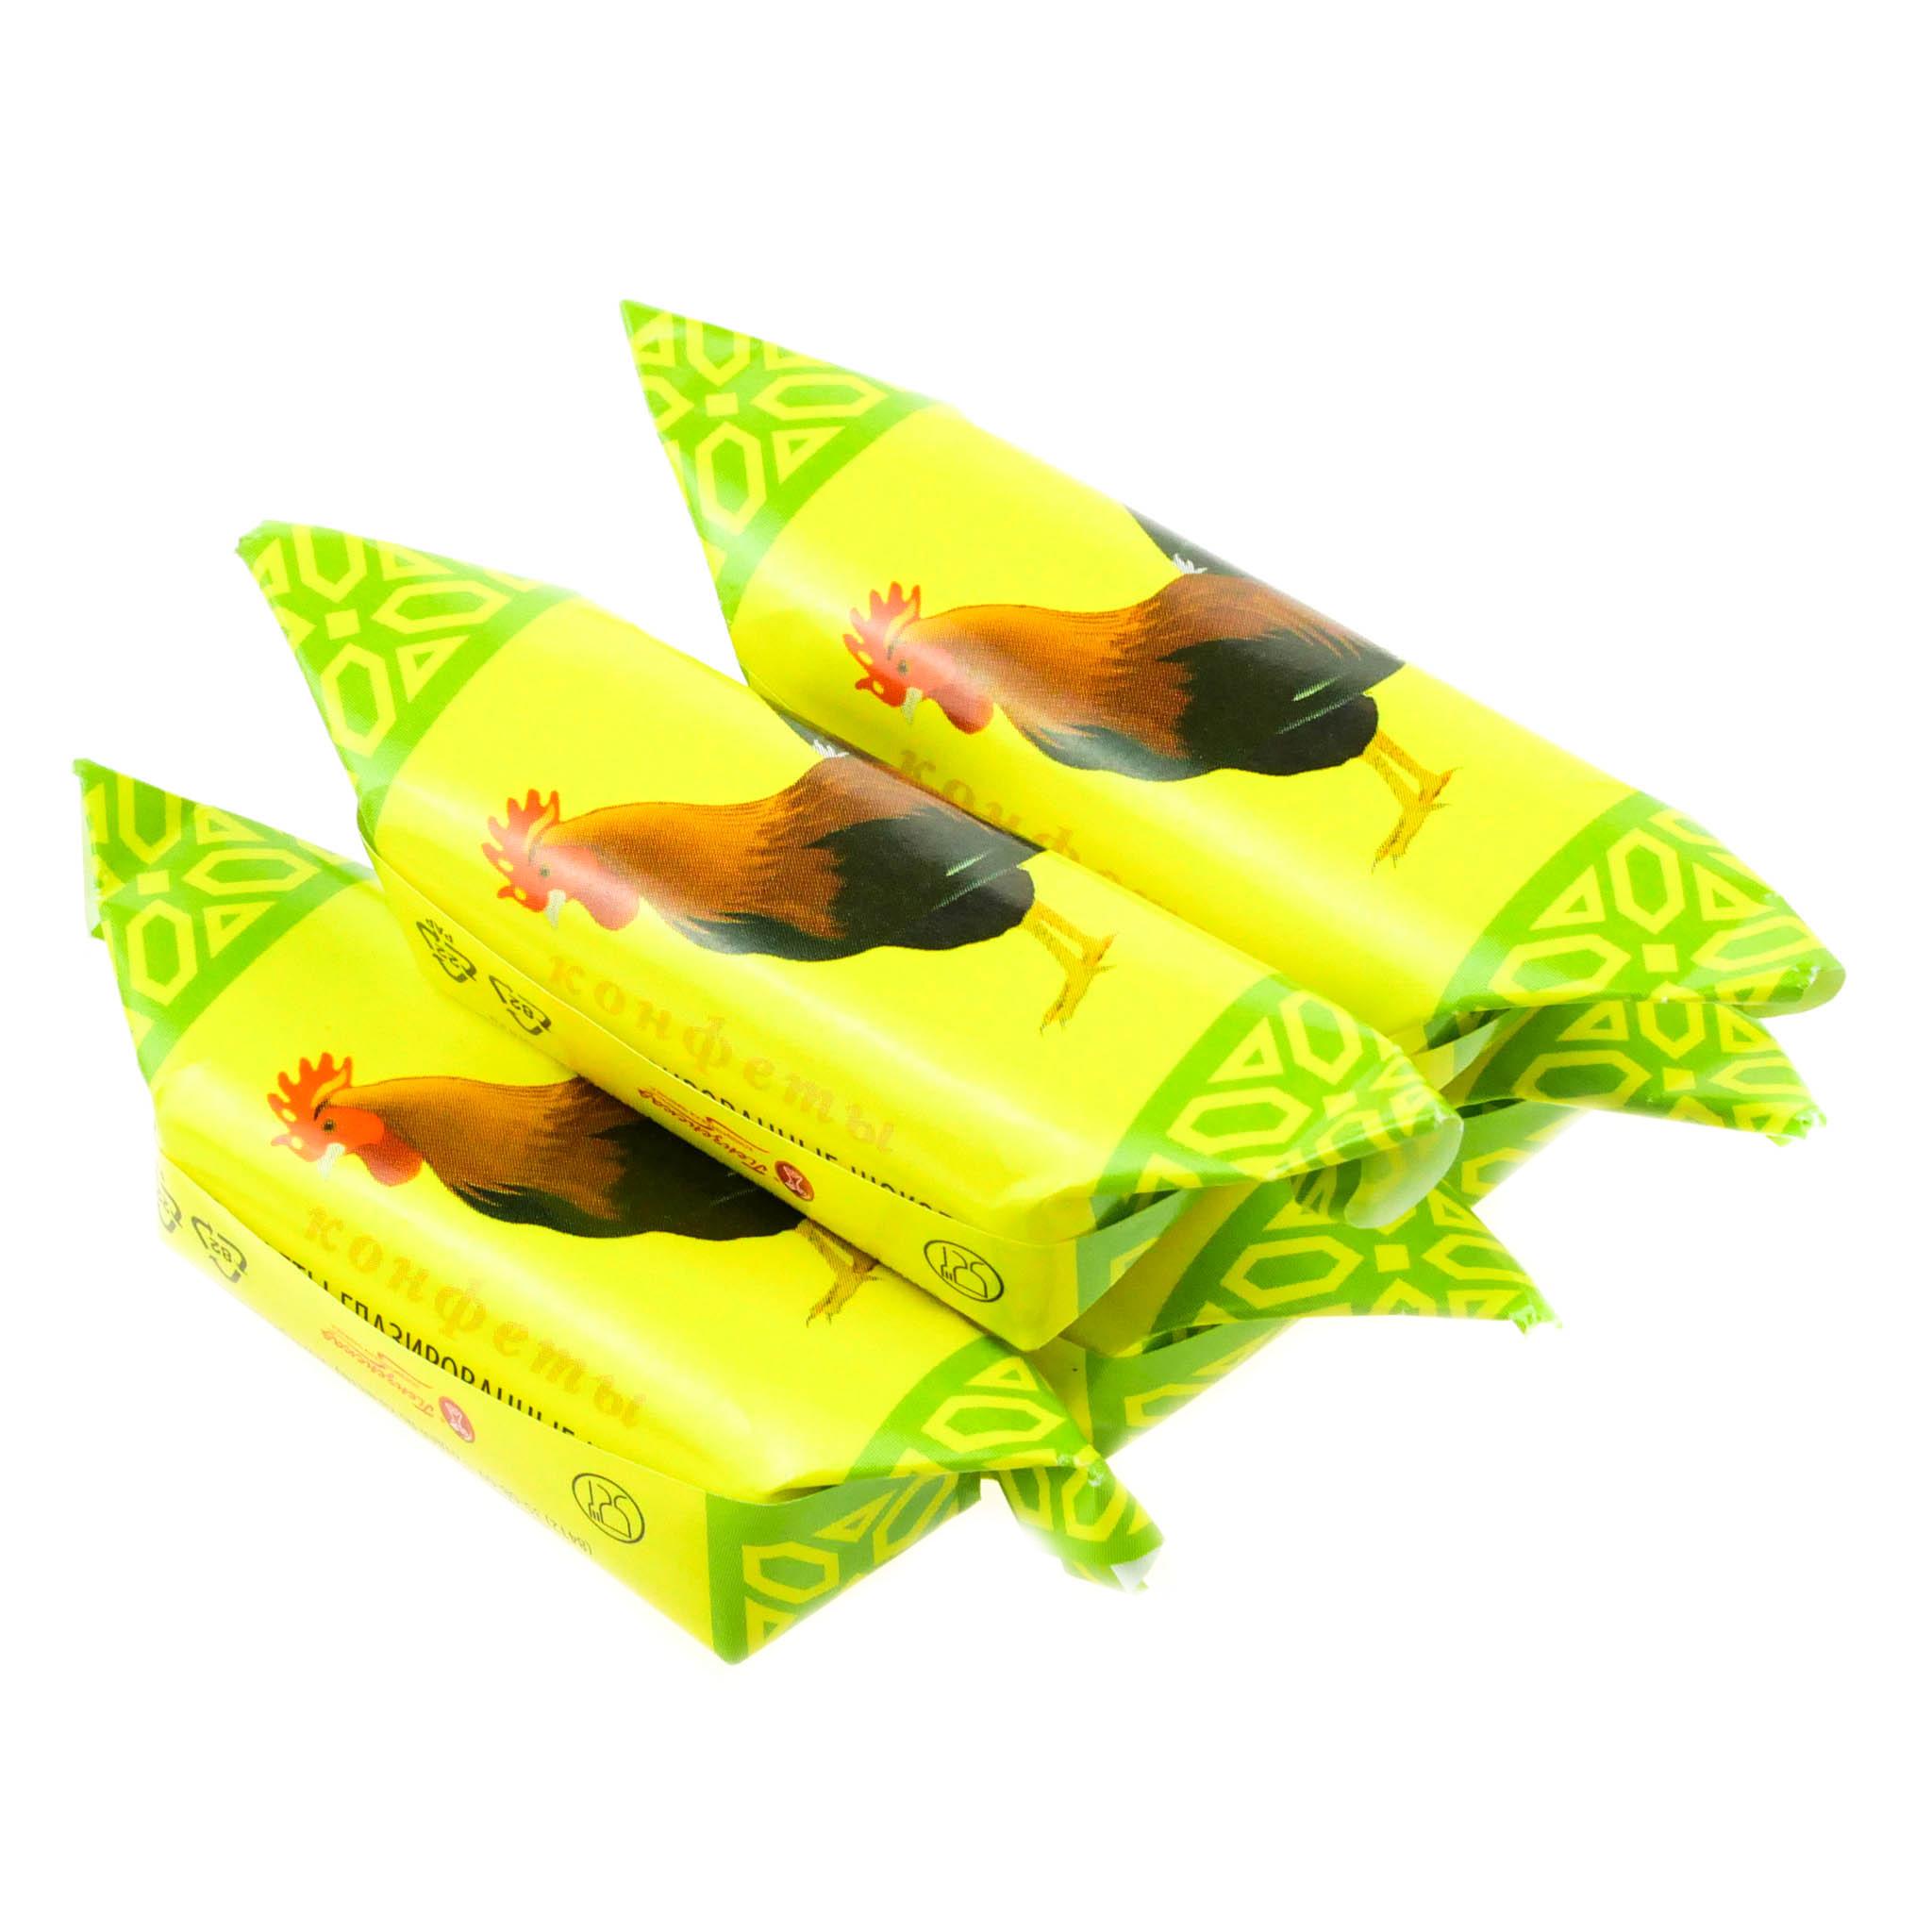 Конфеты Пензенская кондитерская фабрика 1кг Петушок масляная головушка купить с доставкой на дом в интернет-магазине Торнадо